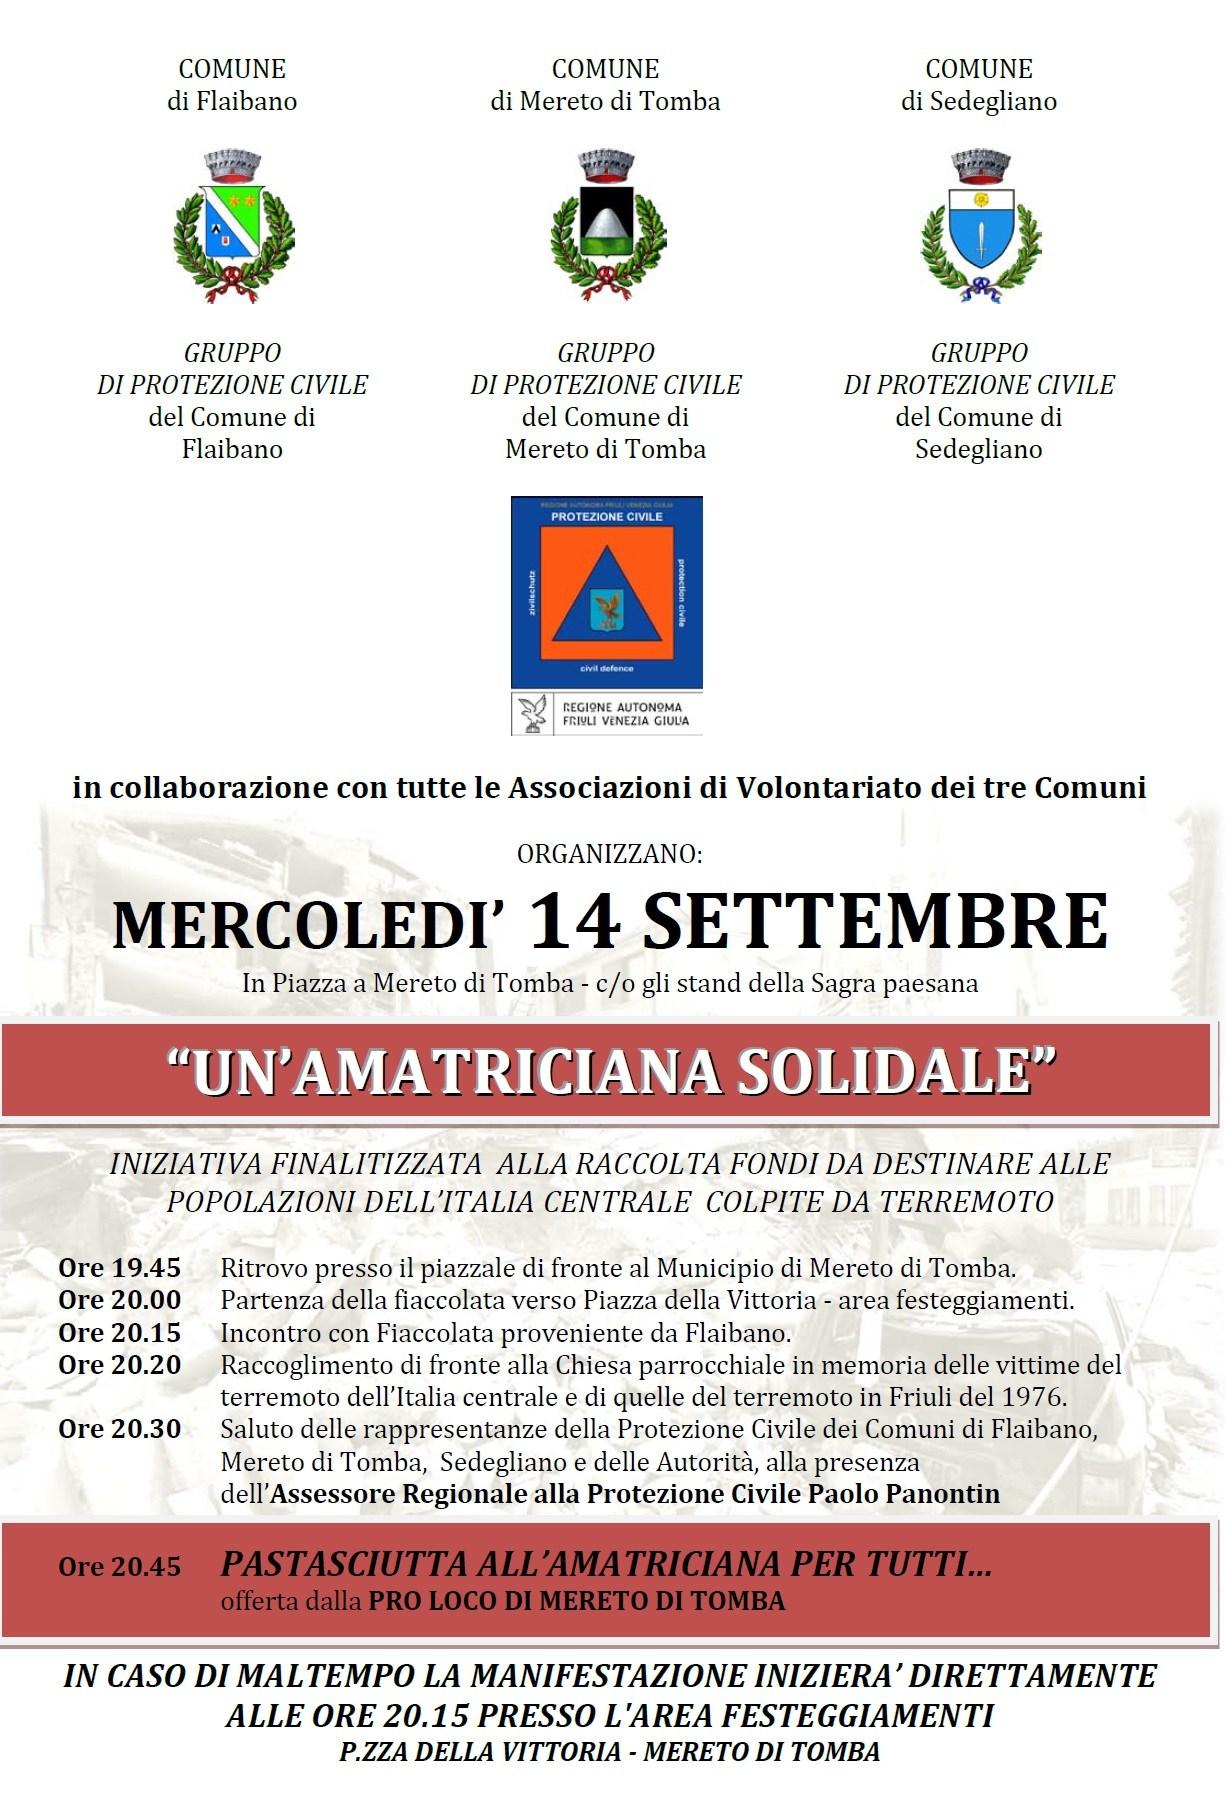 """immagine """"Amatriciana solidale"""" a Flaibano, Mereto di Tomba e Sedegliano"""